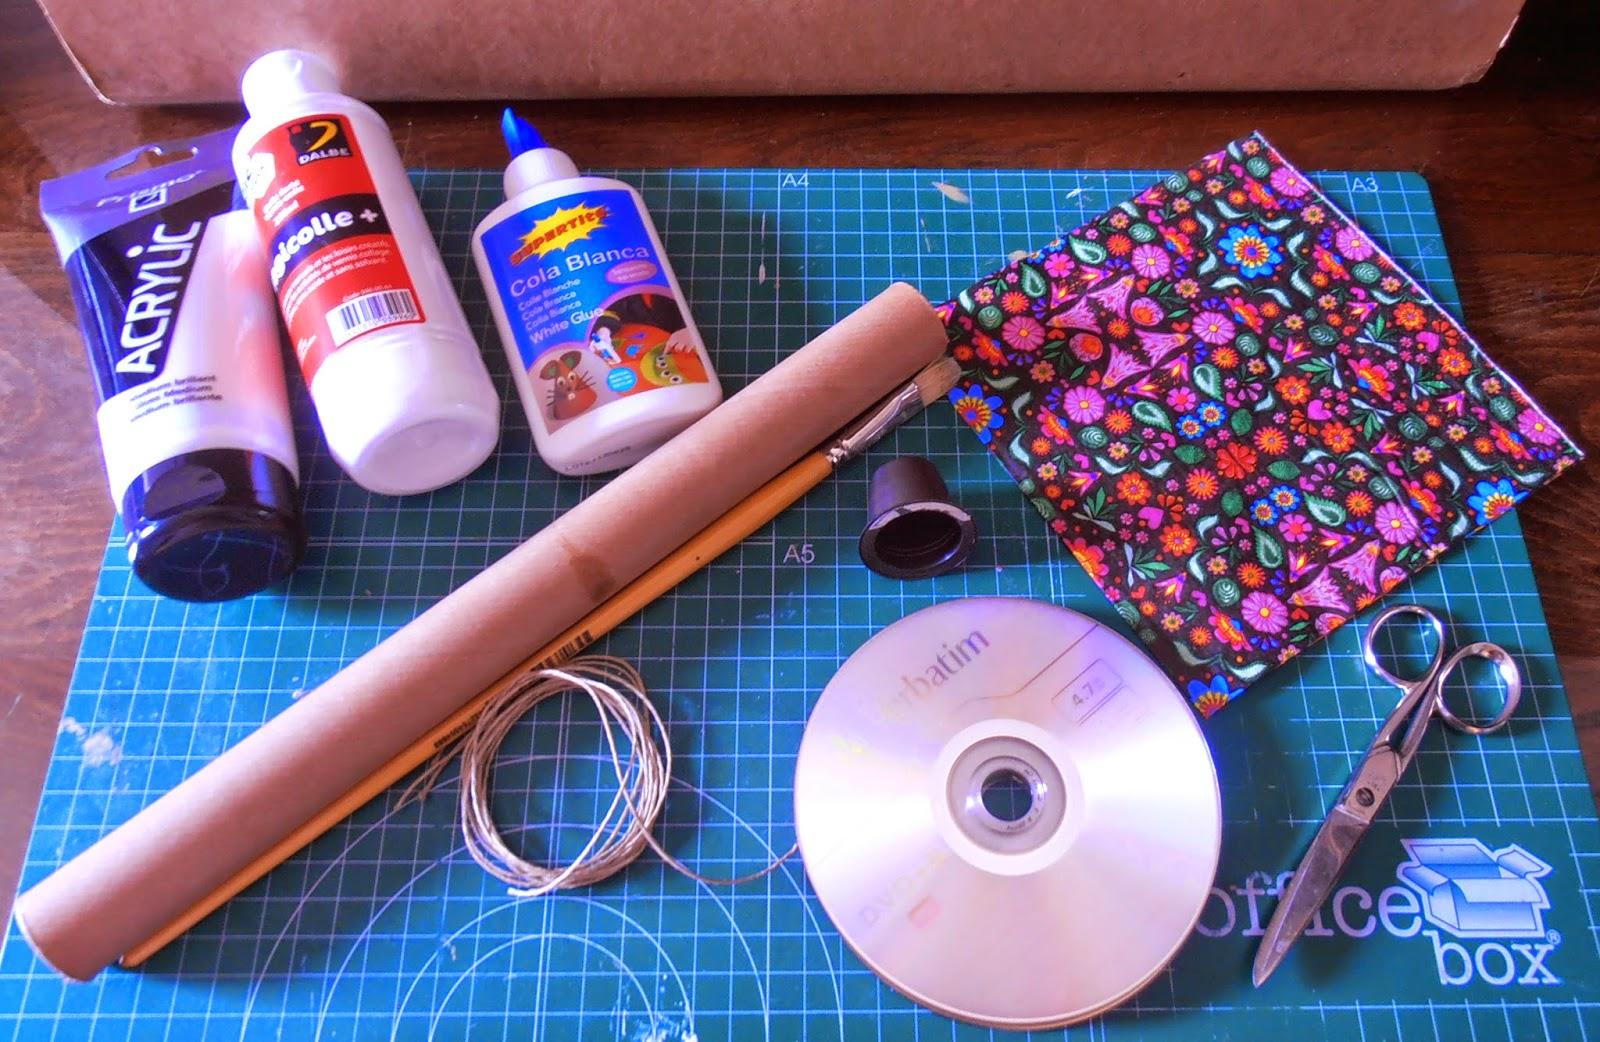 Diy portarrollos para papel cocina 100 material - Portarrollos papel cocina ...